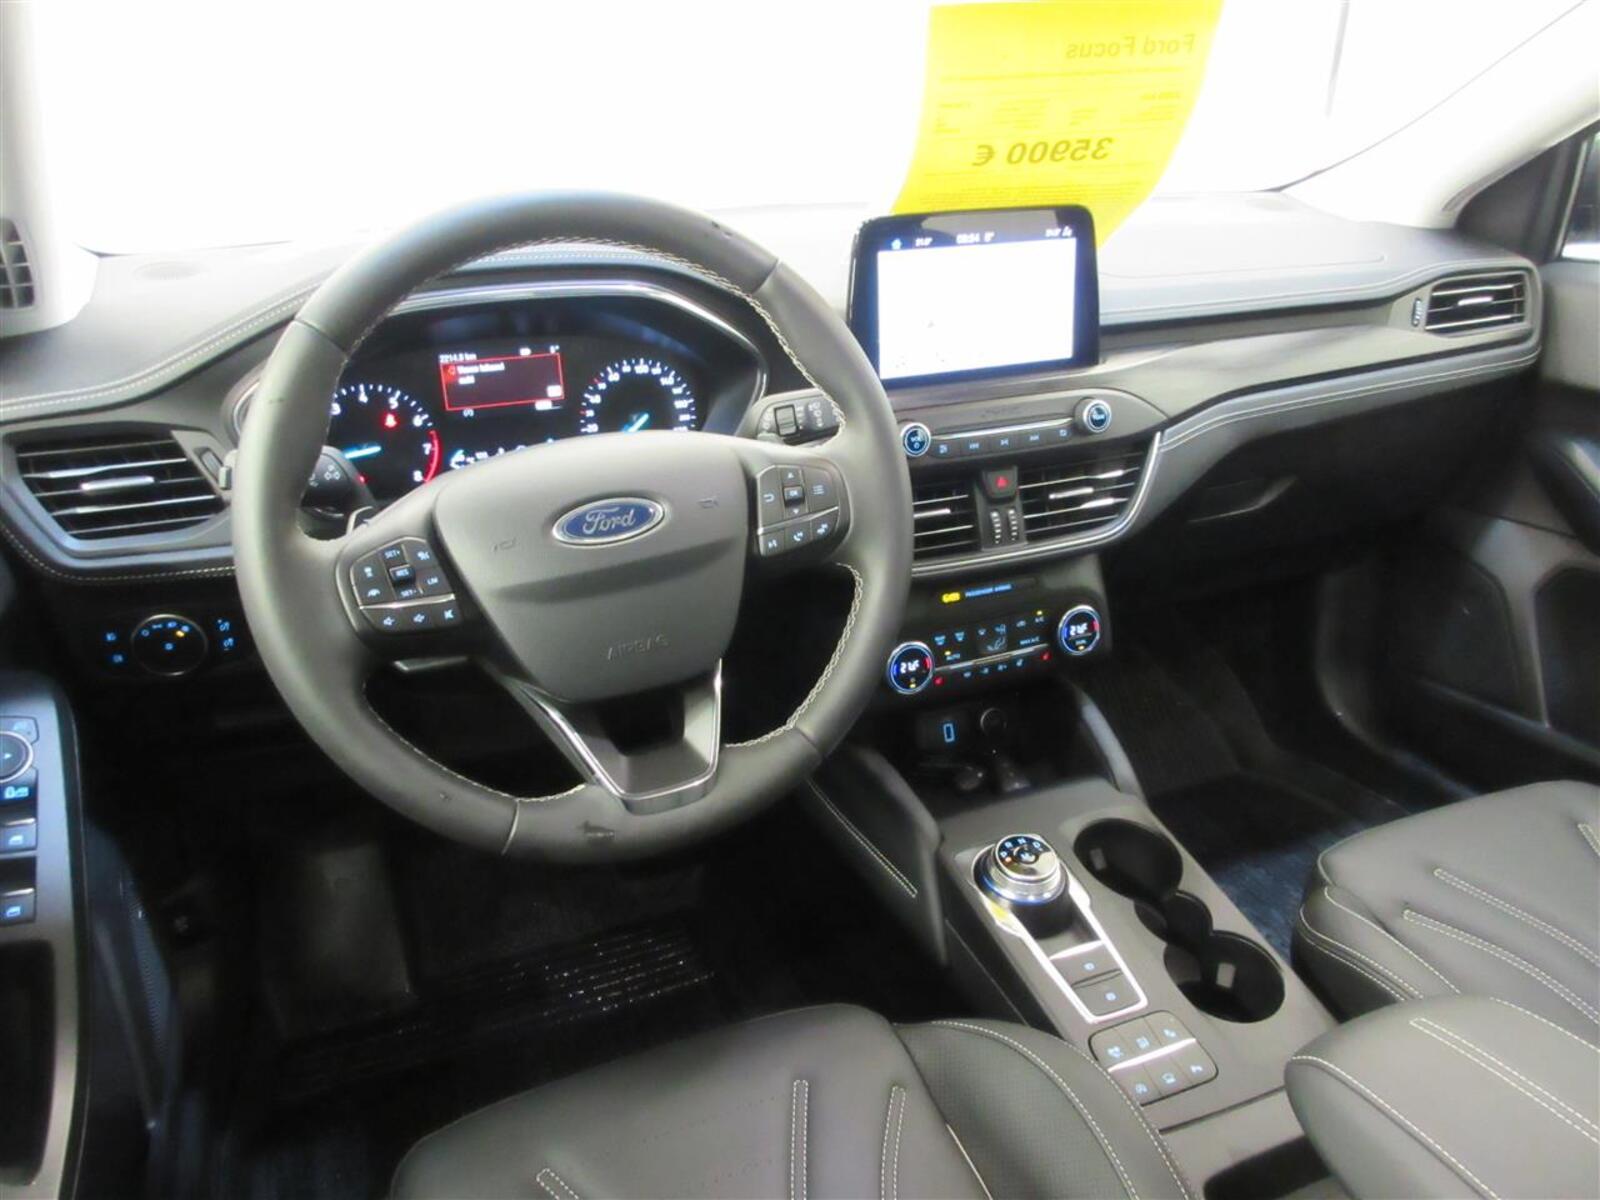 Ford Focus 1,5 EcoBoost 150hv A8 Vignale Wagon. Webasto kauko-ohjaimella. Huippuvarusteet!, vm. 2020, 10 tkm